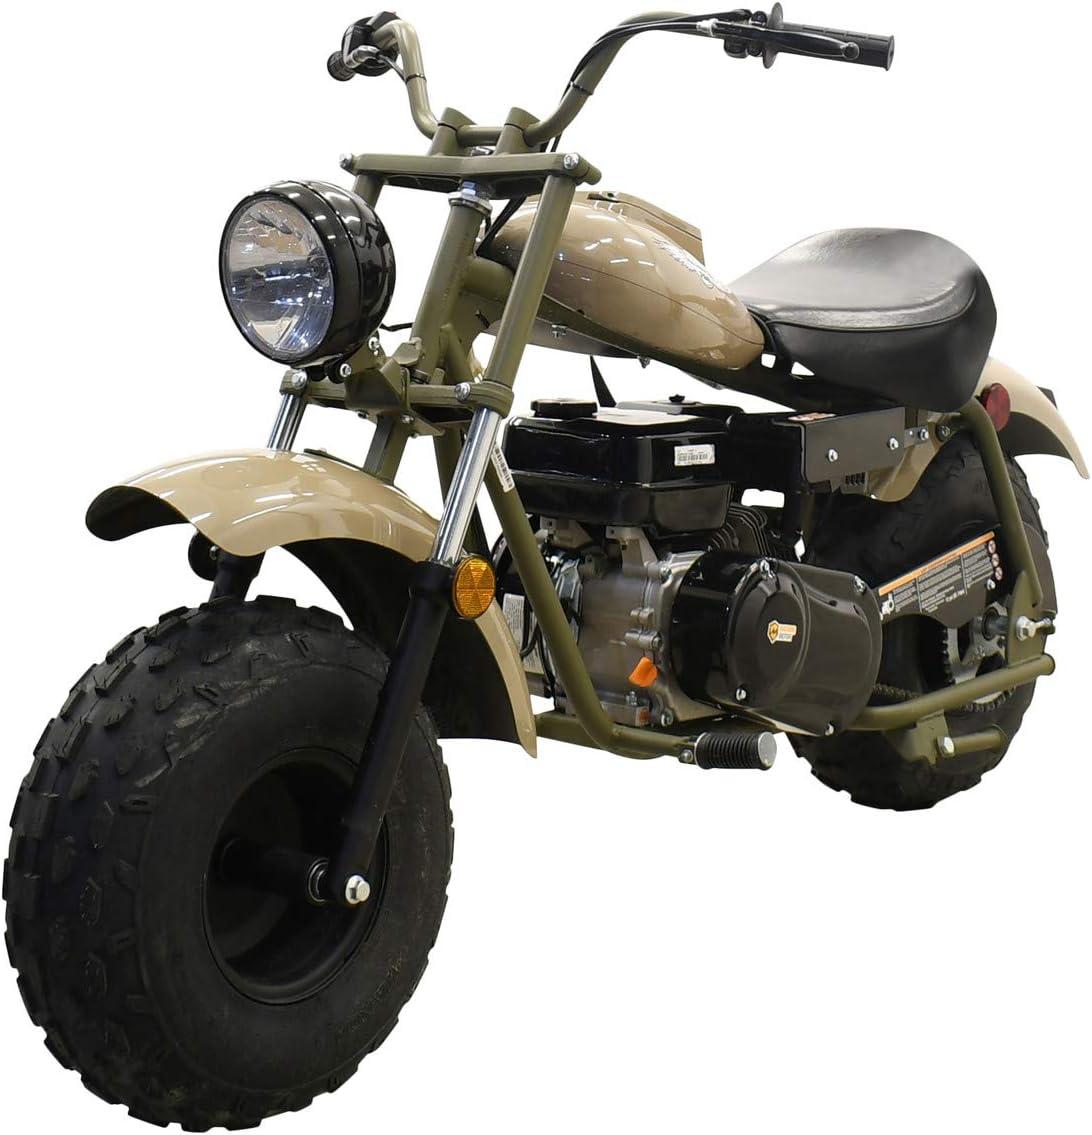 M MASSIMO MOTOR Warrior200 196CC Engine Super Size Mini Moto Trail Bike MX Street